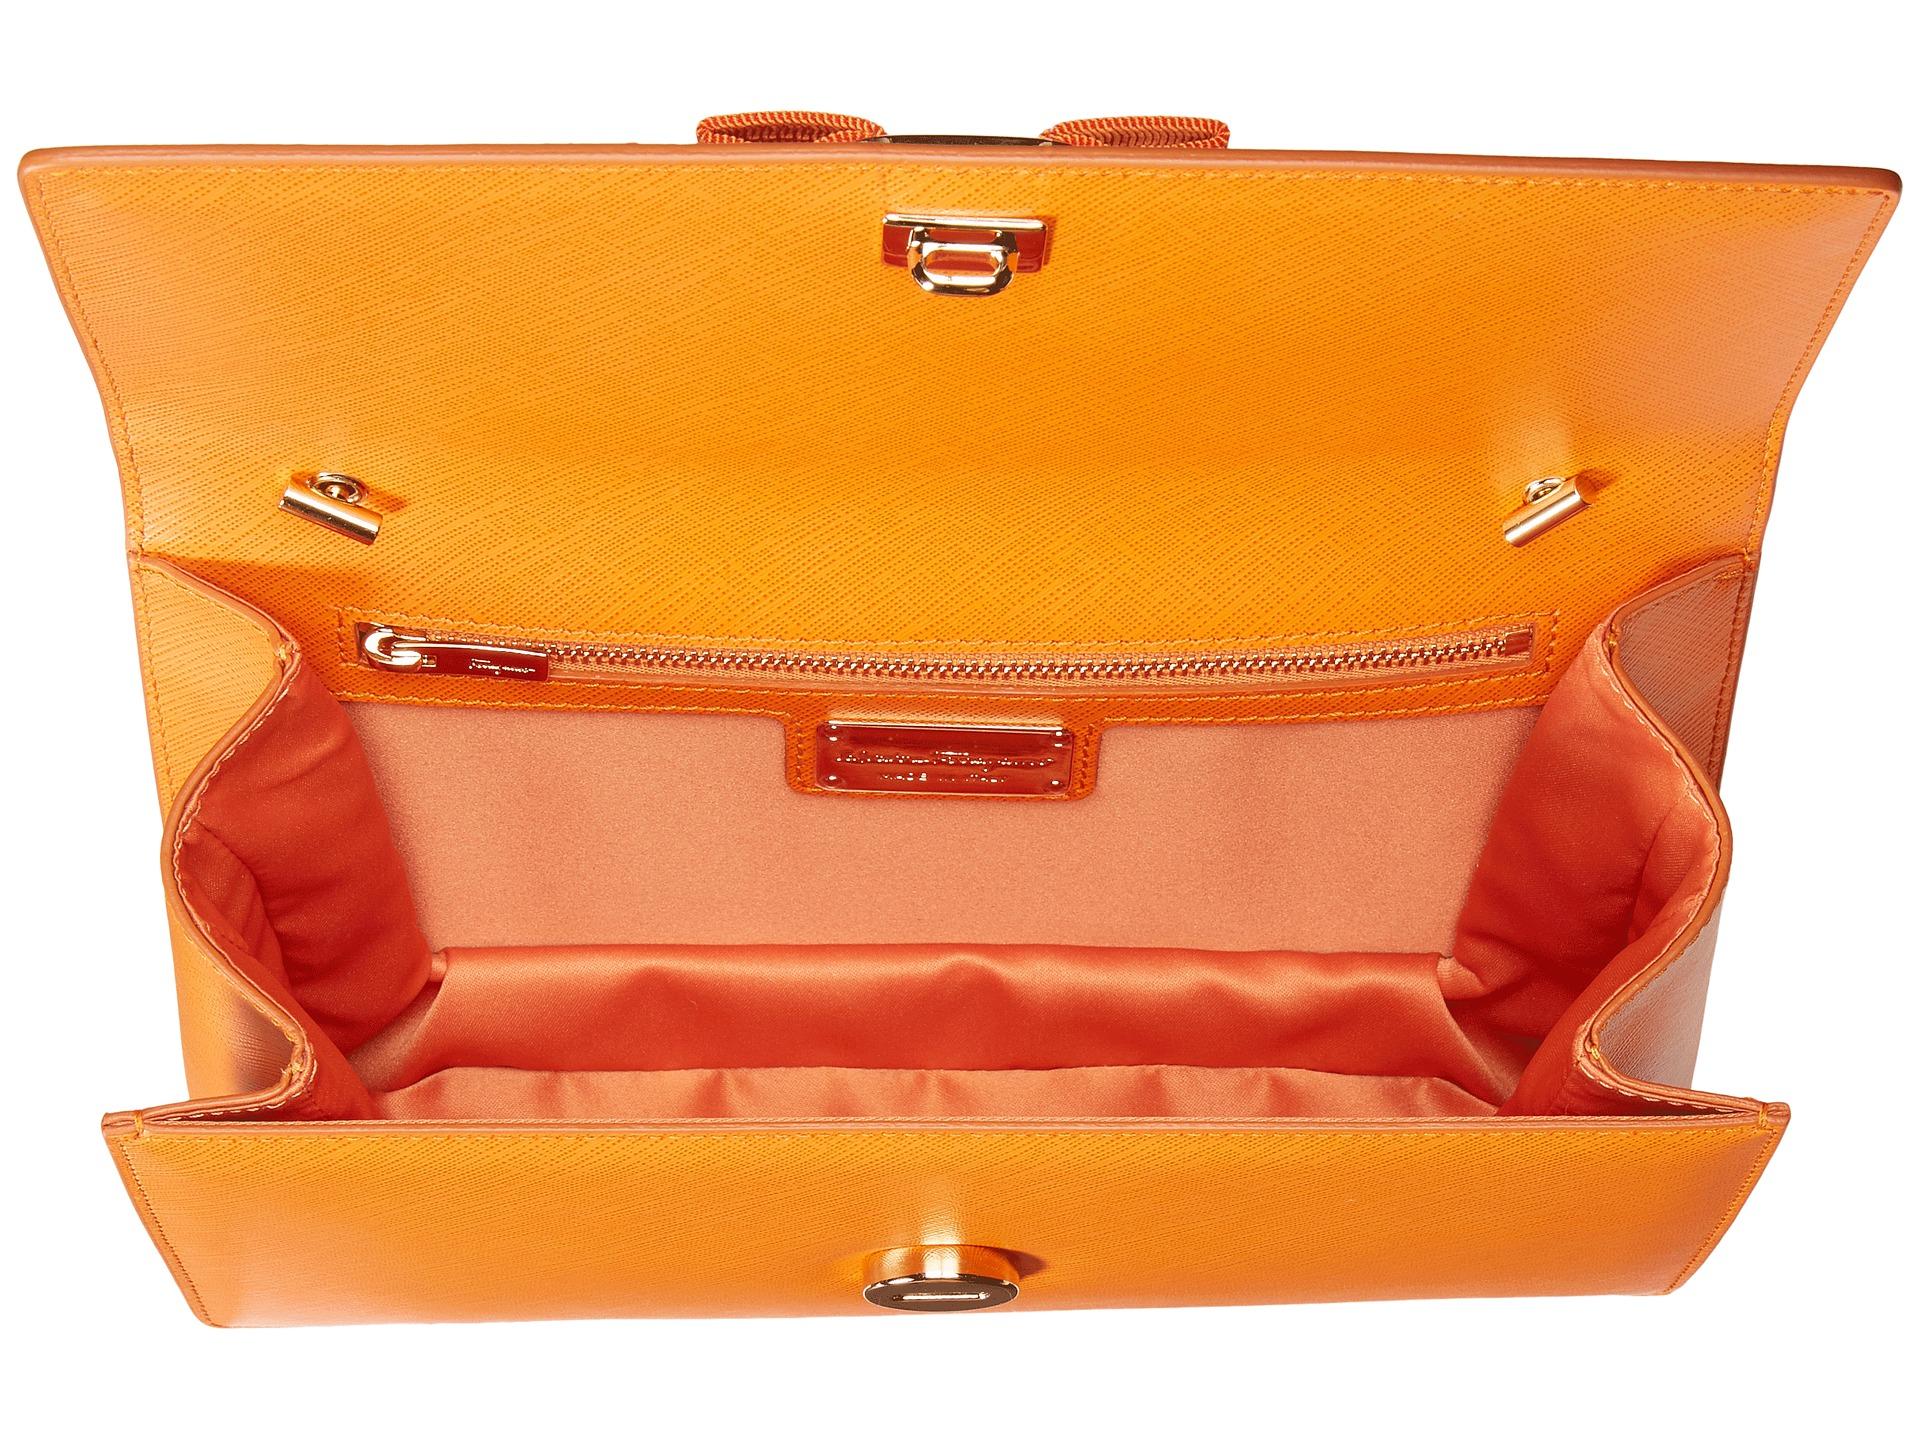 67a28d067c5a Lyst - Ferragamo Ginny 21e480 in Orange